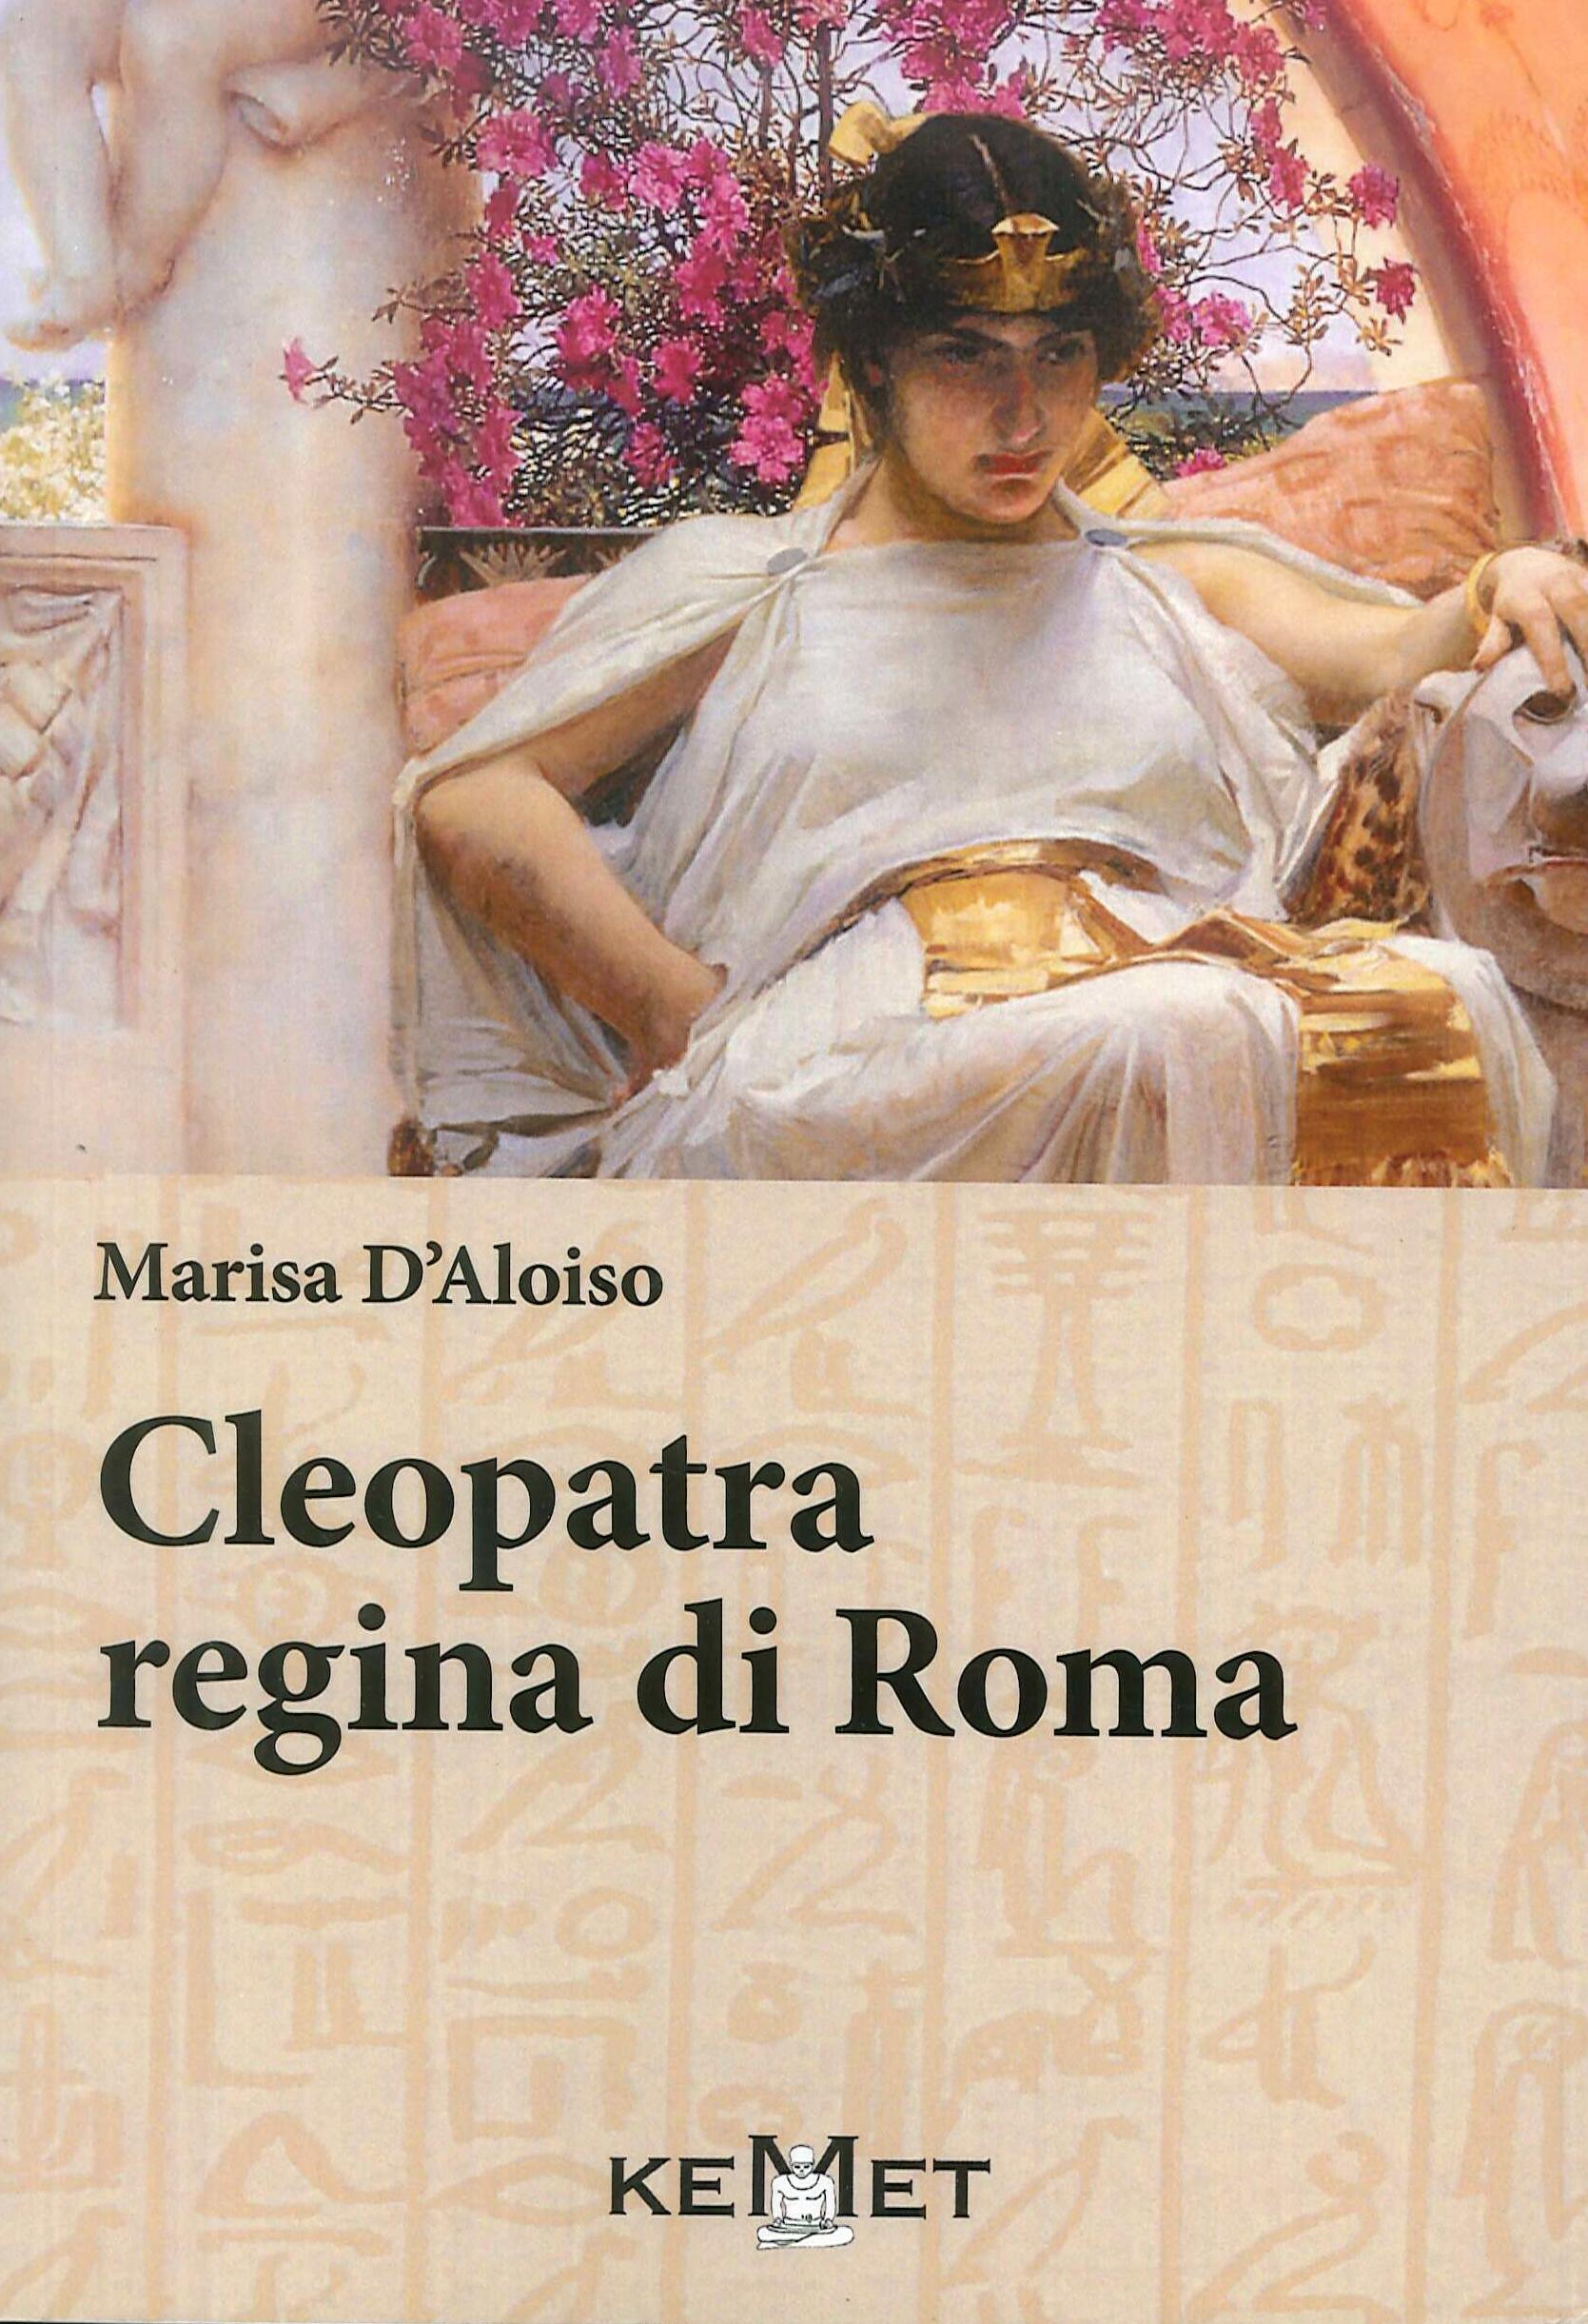 Cleopatra regina di Roma.